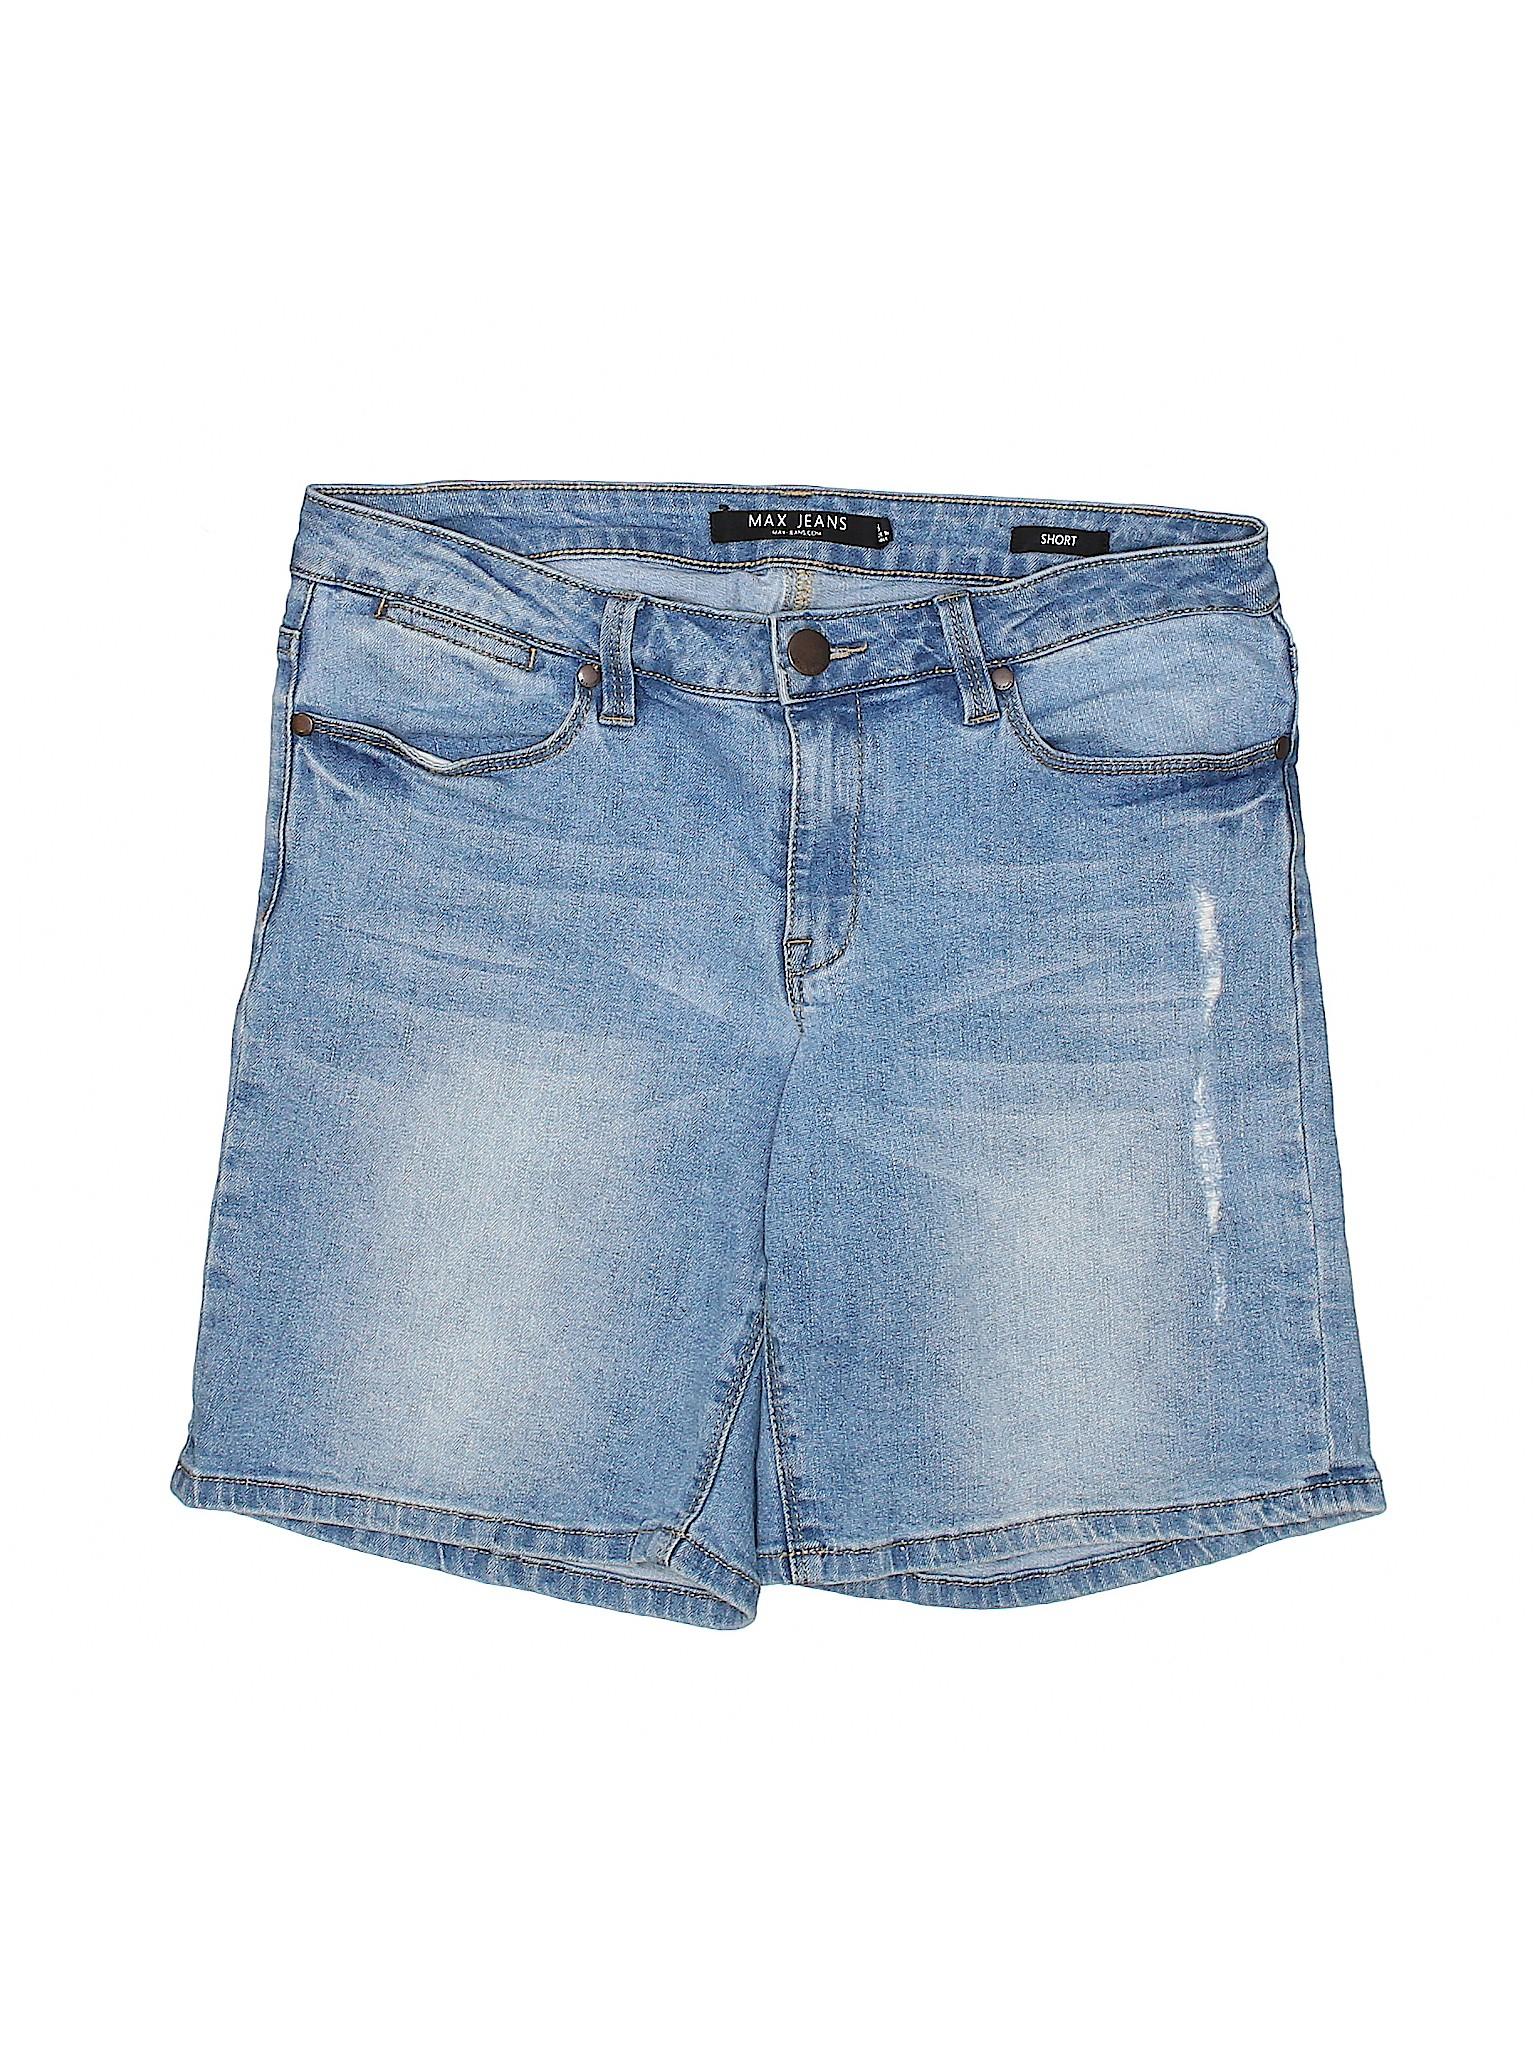 Boutique Denim Jeans Denim Boutique Shorts Max Max Jeans qxtOfzf